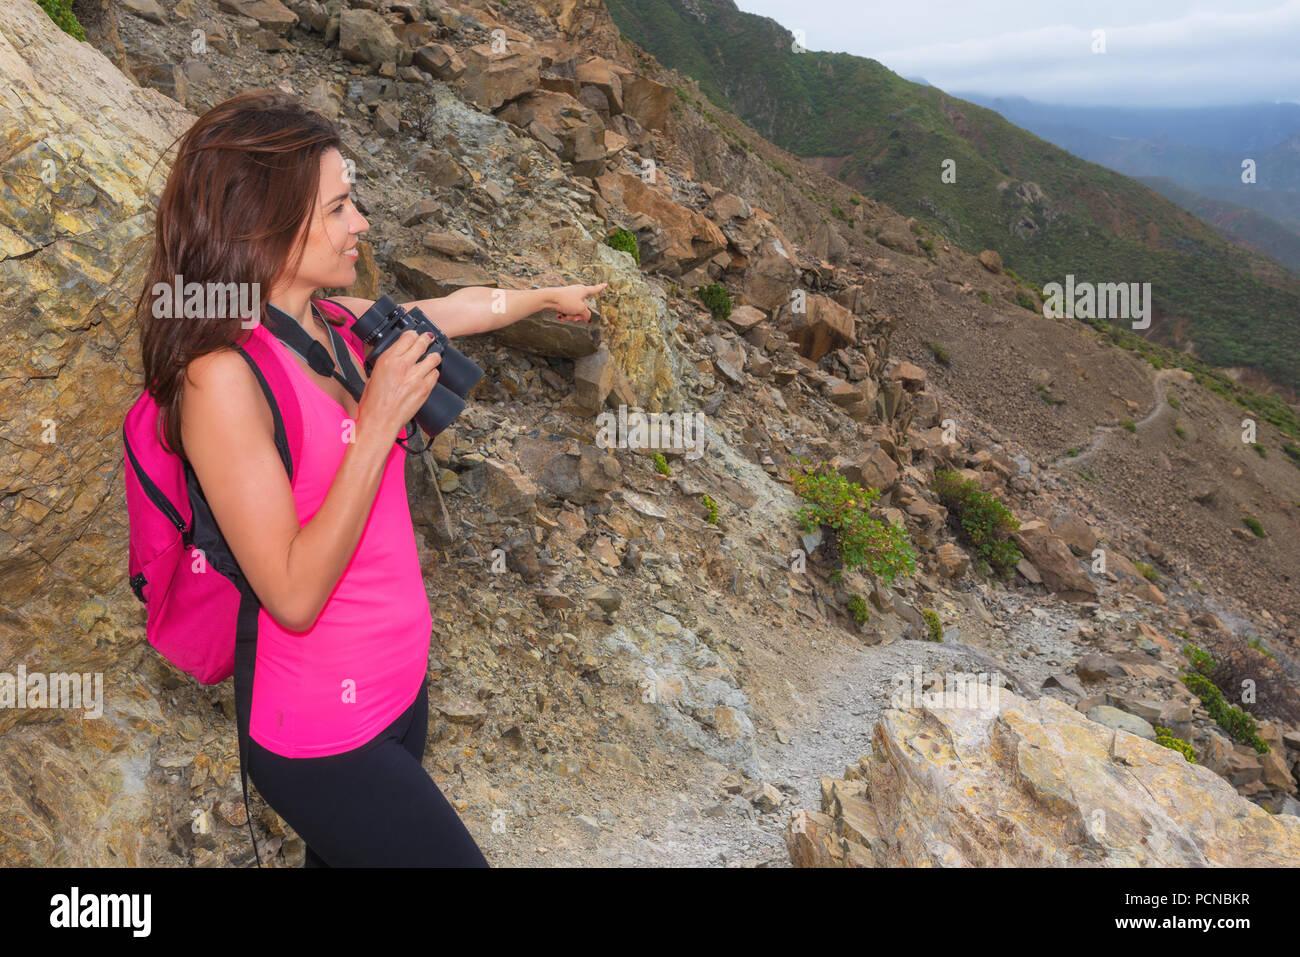 Wanderer frau oben auf dem berg mit dem fernglas auf den weg